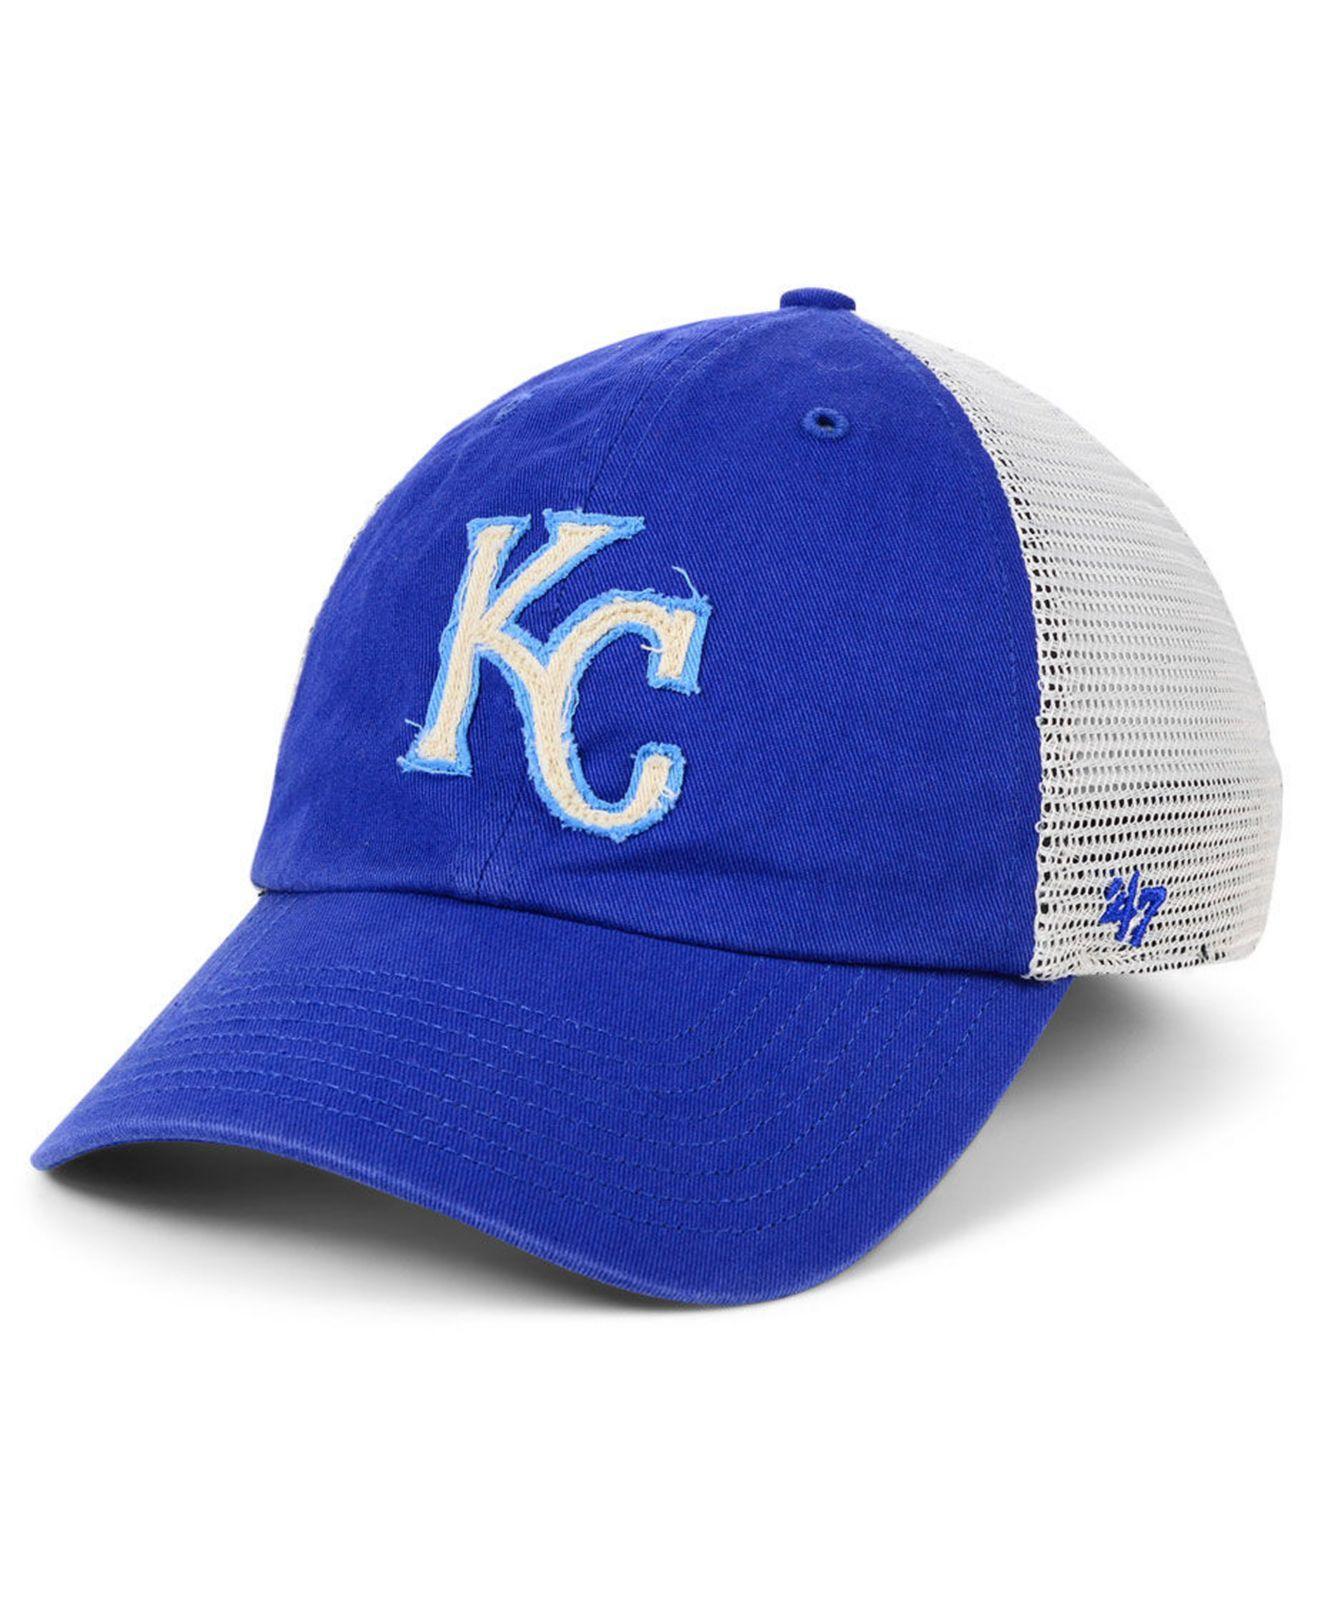 quality design dac19 2e980 47 Brand. Men s Blue Kansas City Royals Stamper Mesh Closer Cap